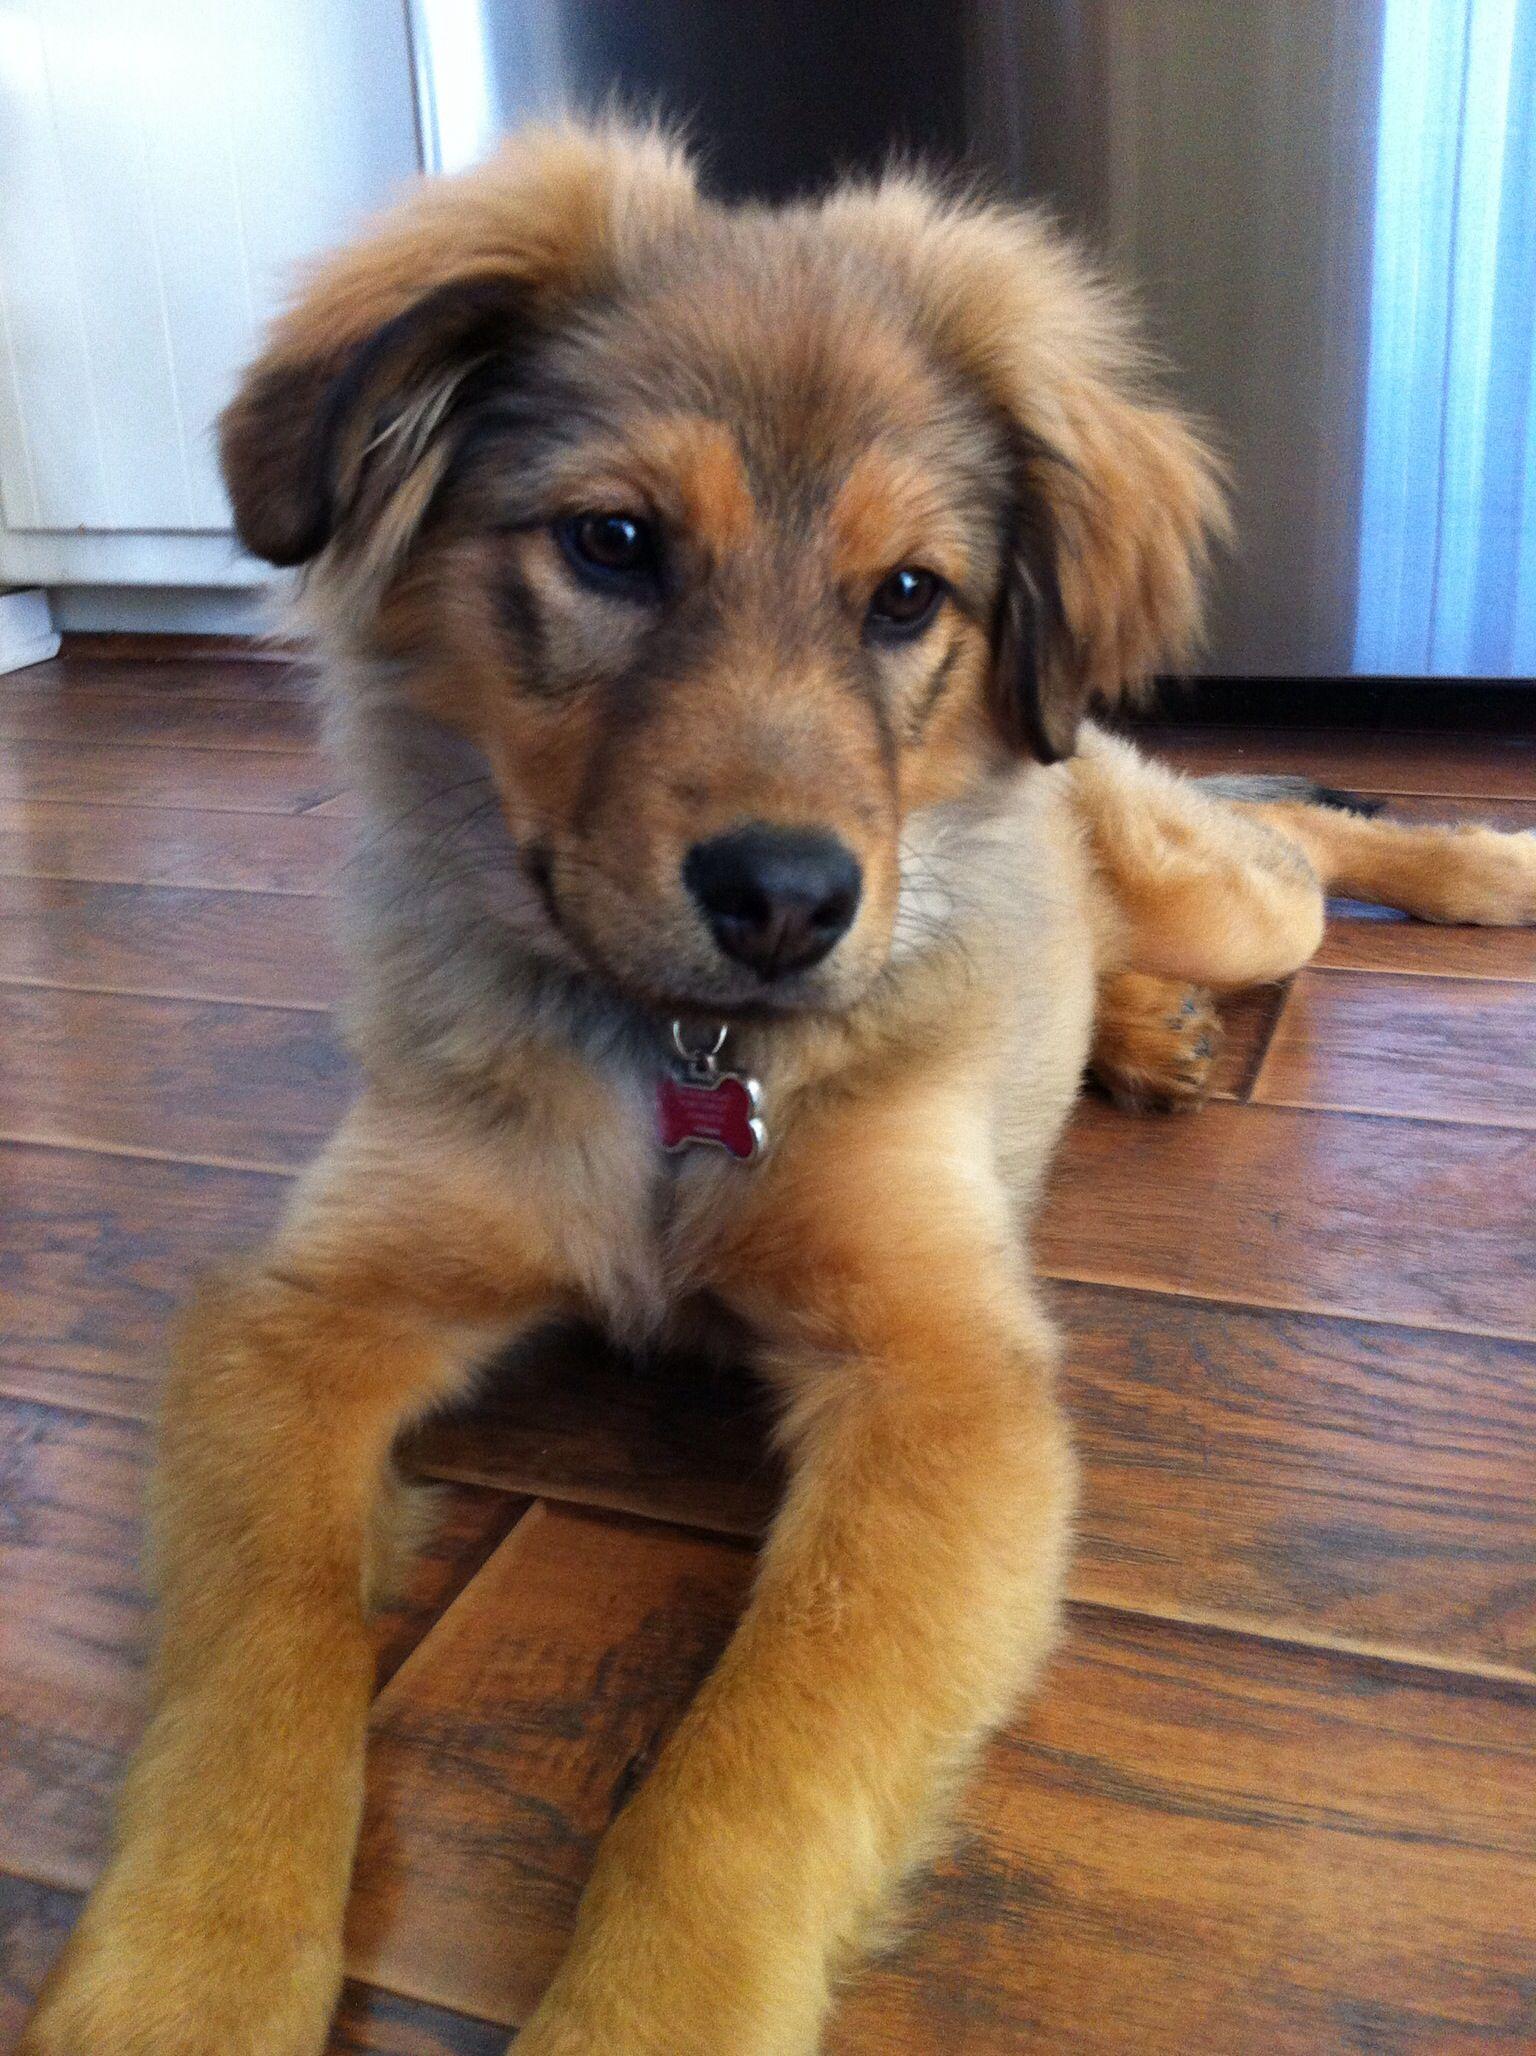 Resue Adoption Shelter Puppies German Shepard Collie Golden